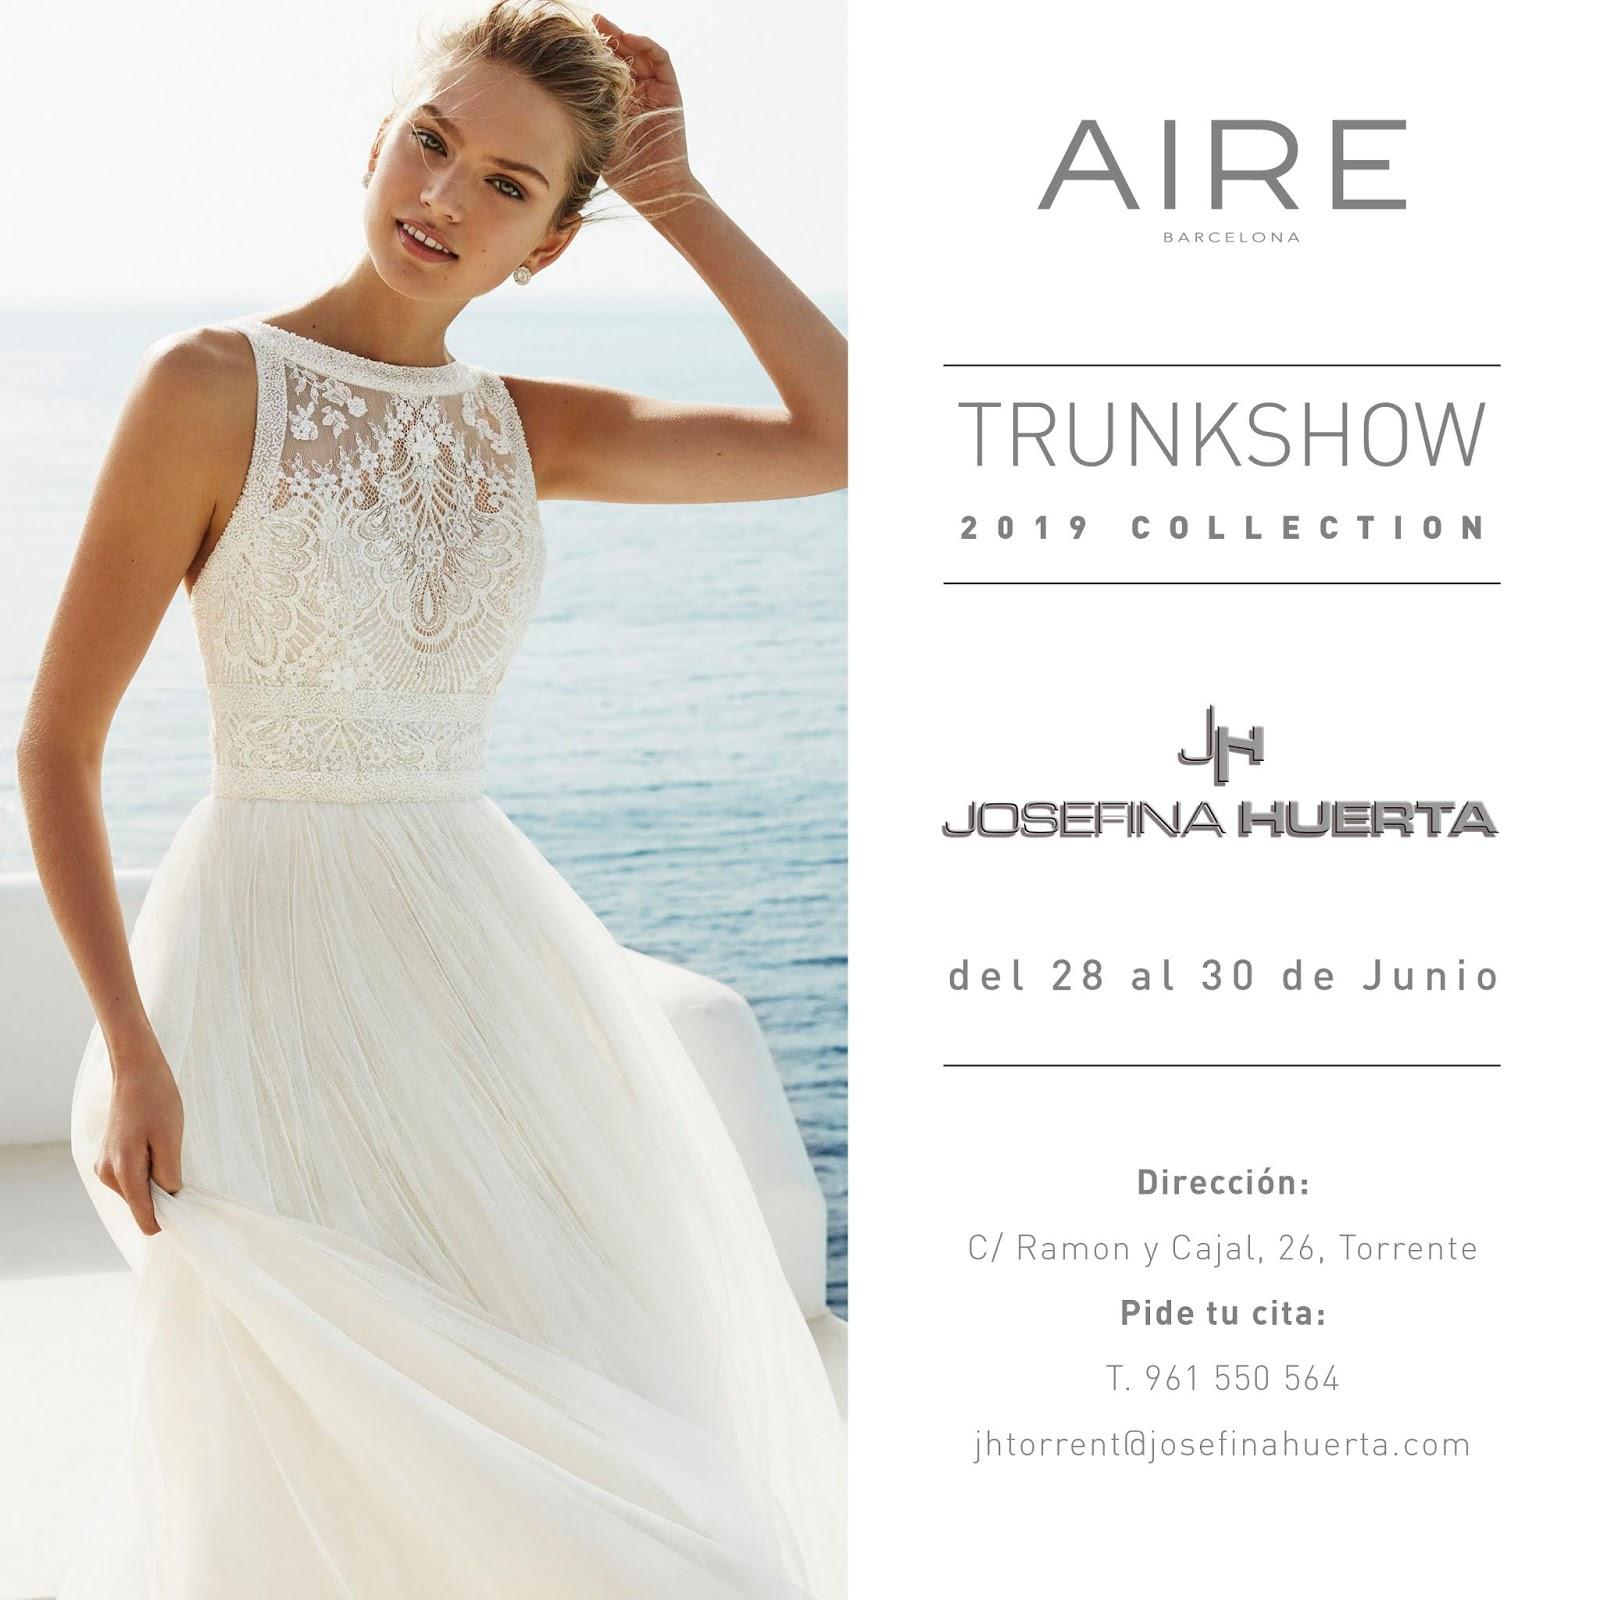 3d47b7861 Recuerda  ¡te esperamos en Josefina Huerta para mostrarte en exclusiva todo  lo que la colección 2019 de AIRE BARCELONA trae para ti!